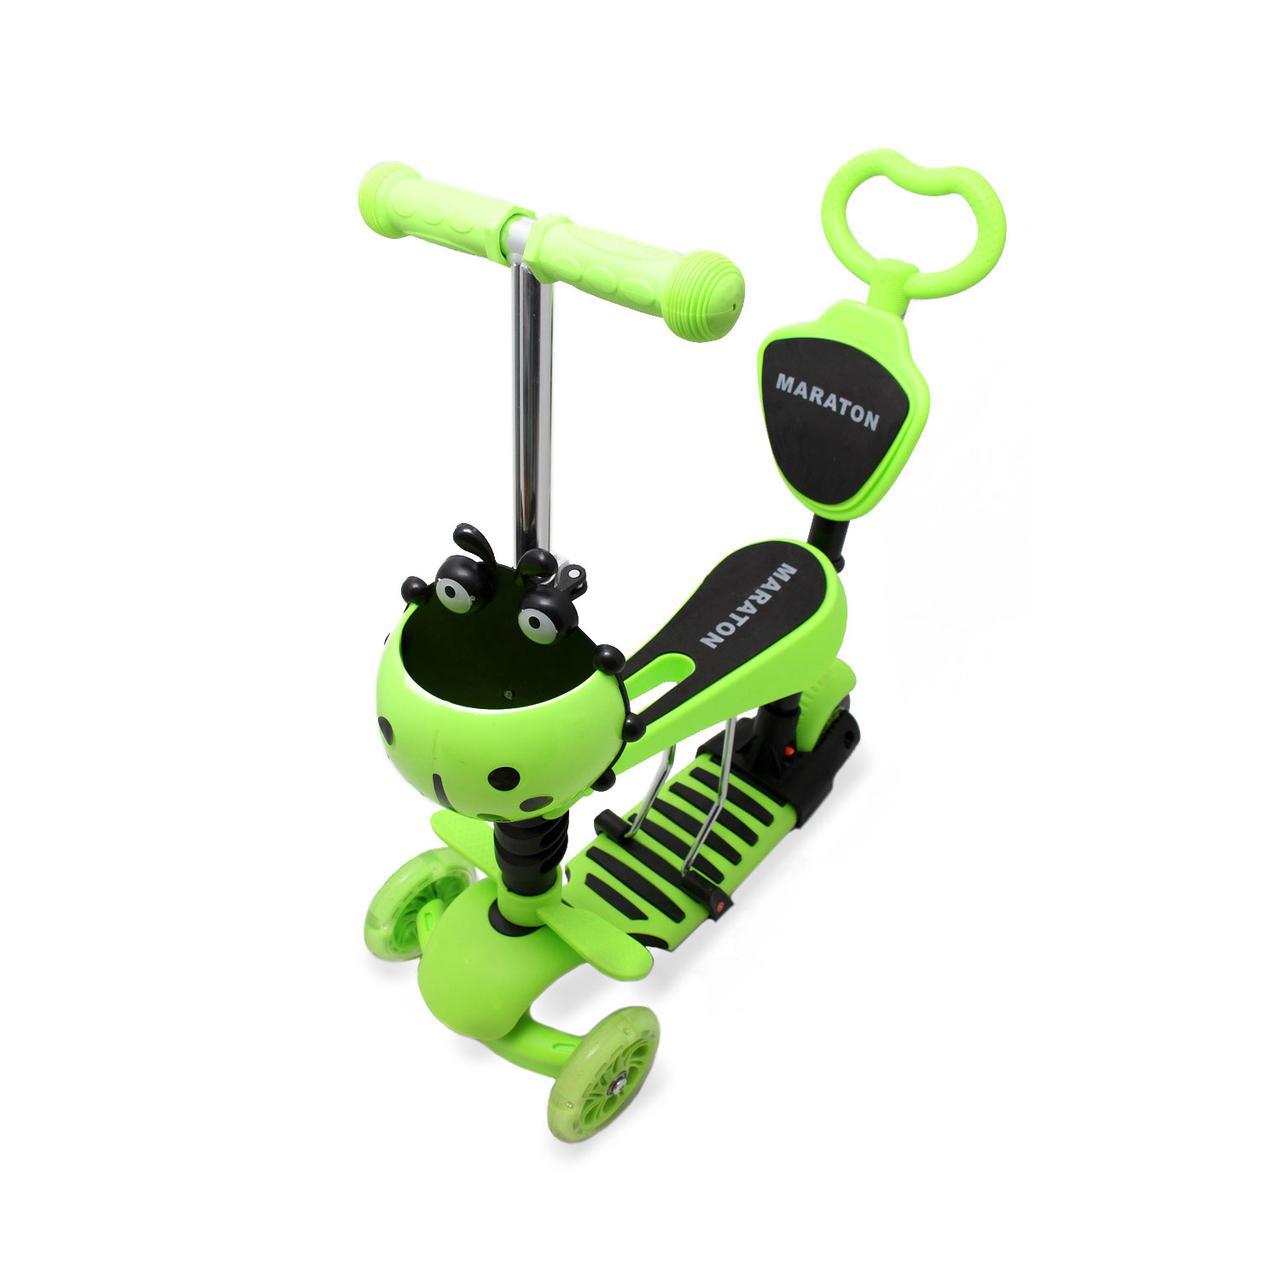 Самокат детский Scooter Божья коровка 5 in 1 родительская ручка Зеленый (2T1075)